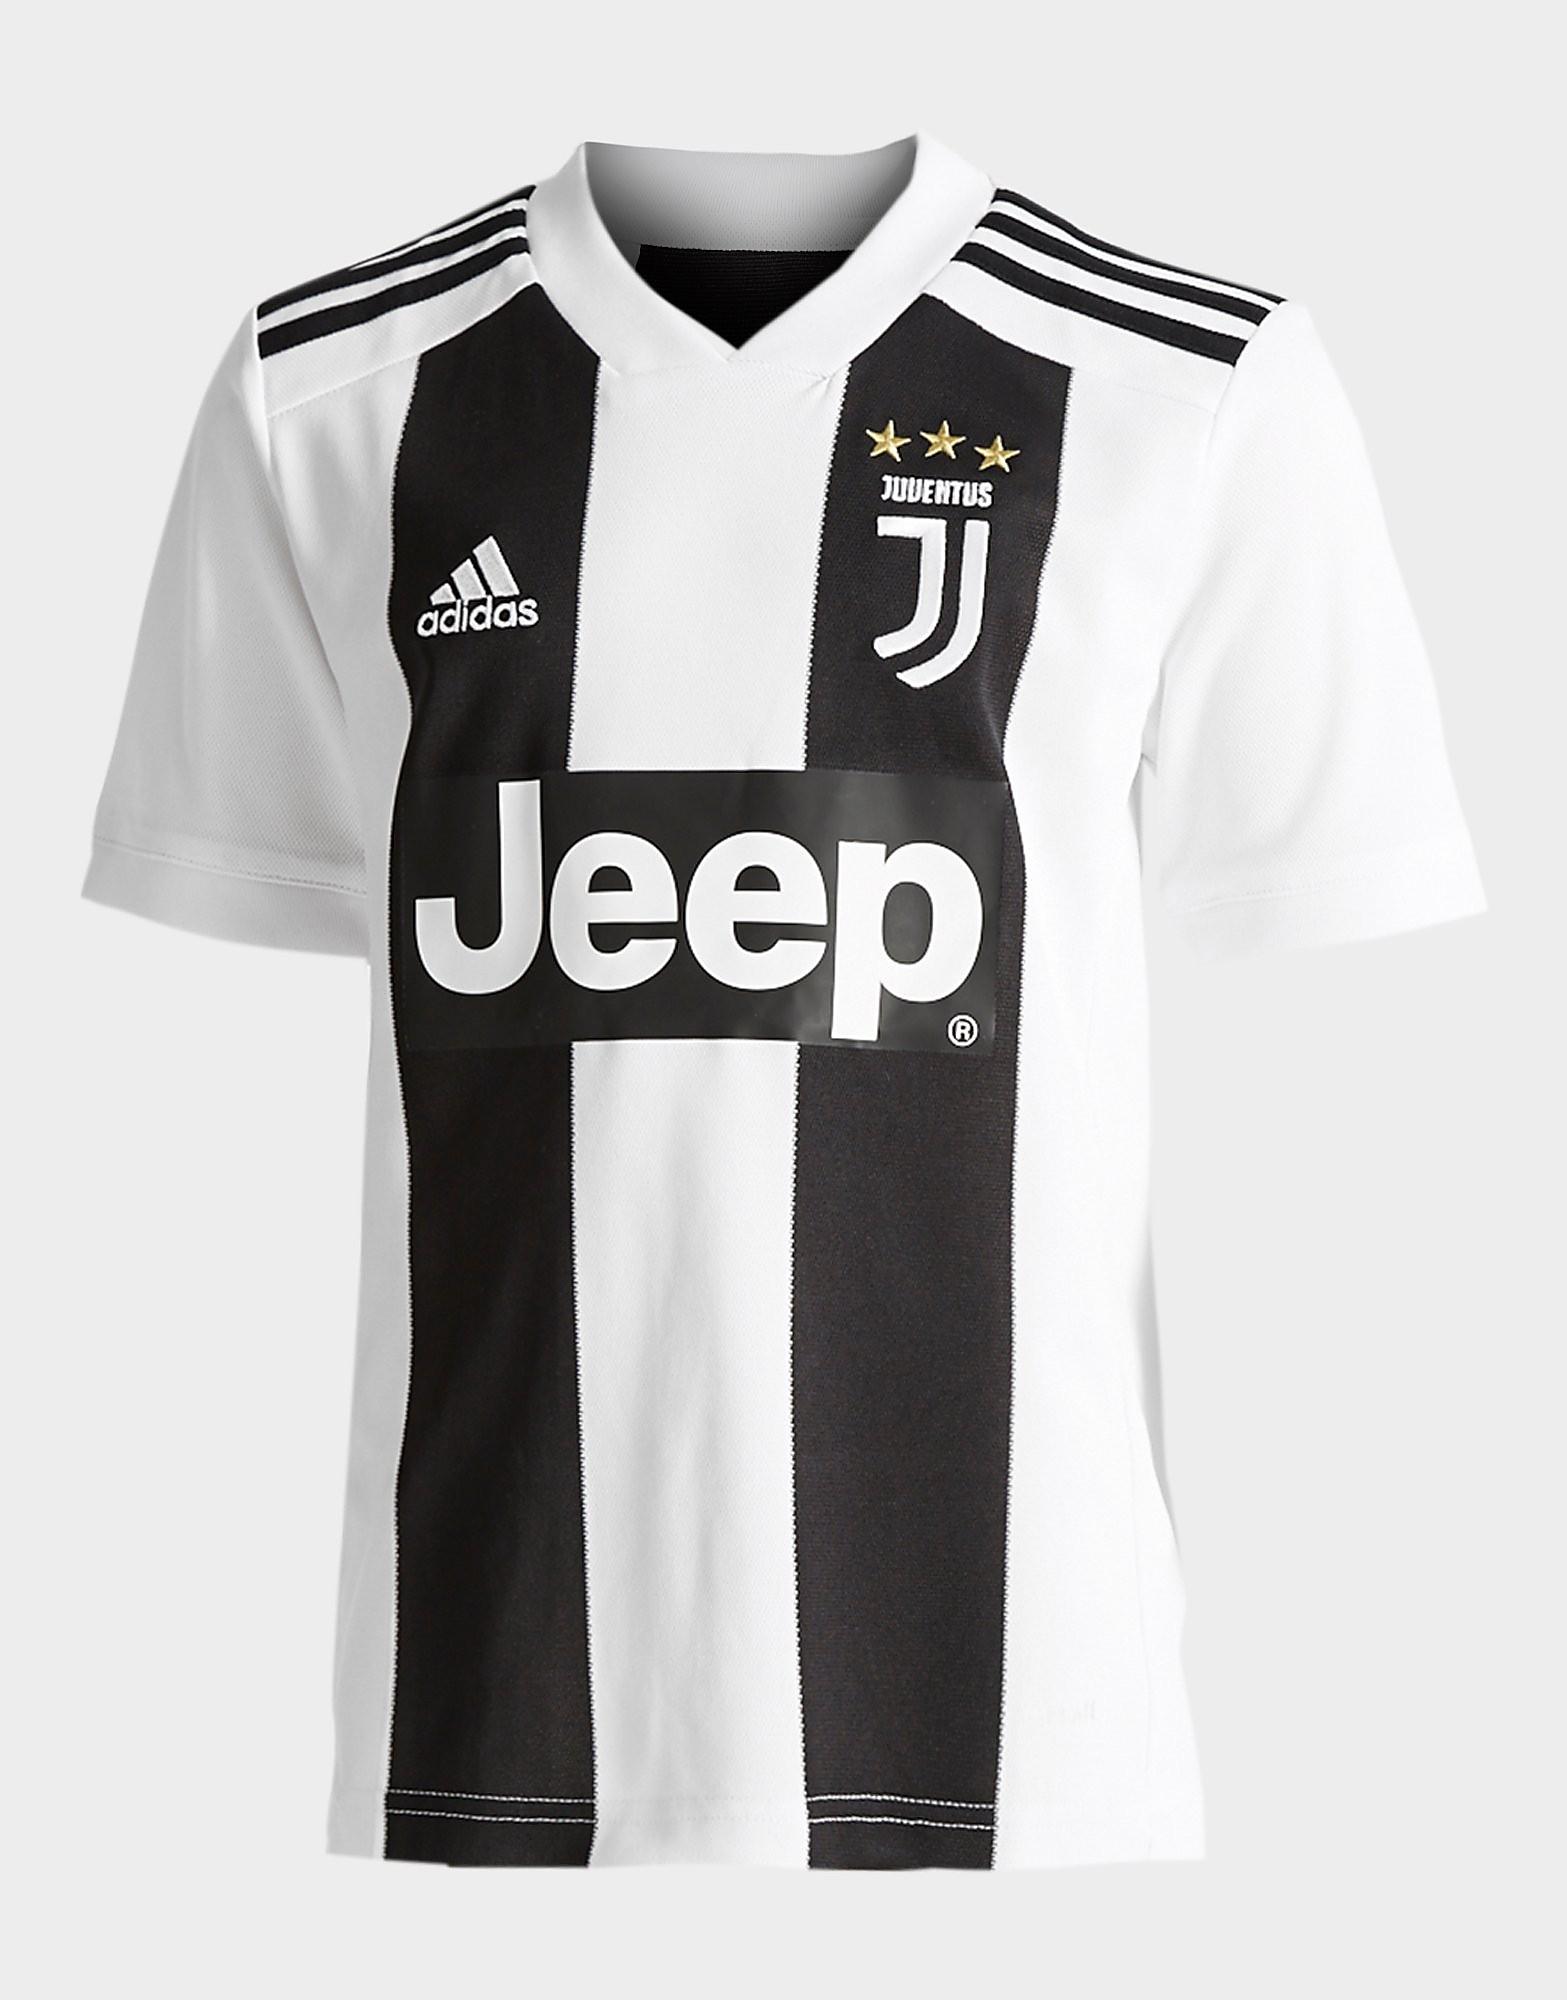 adidas Maillot Domicile Juventus 2018/19 Junior - PRÉ COMMANDE